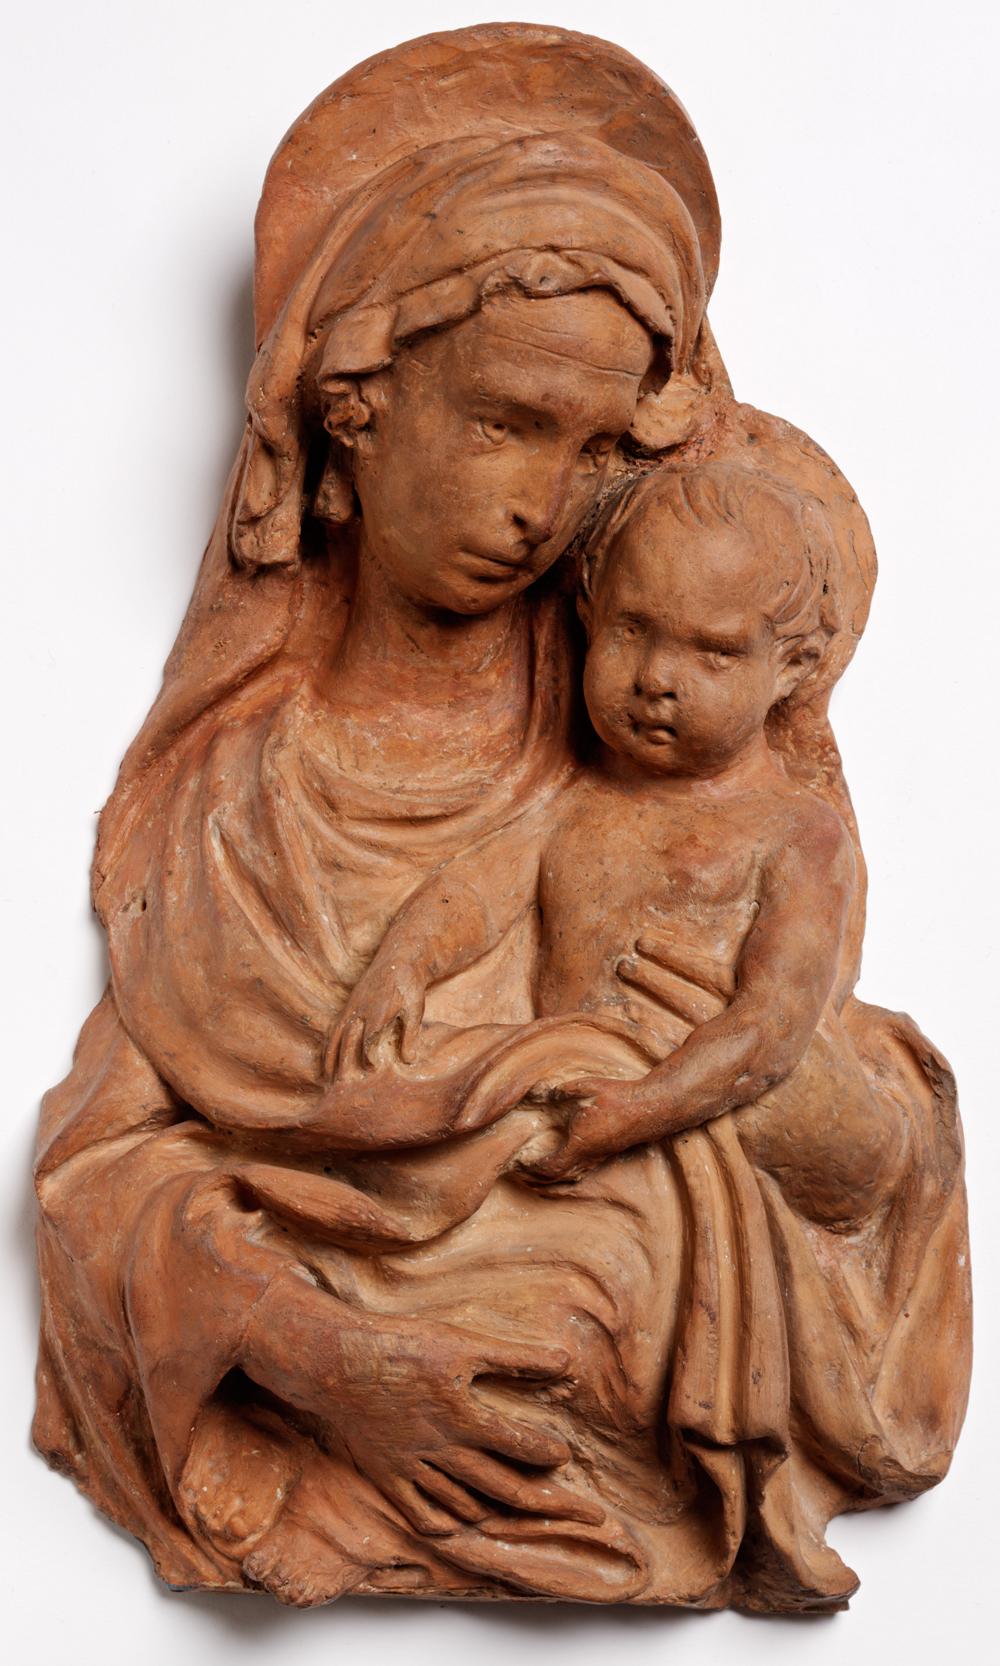 Italian Terracotta Sculpture - Victoria and Albert Museum